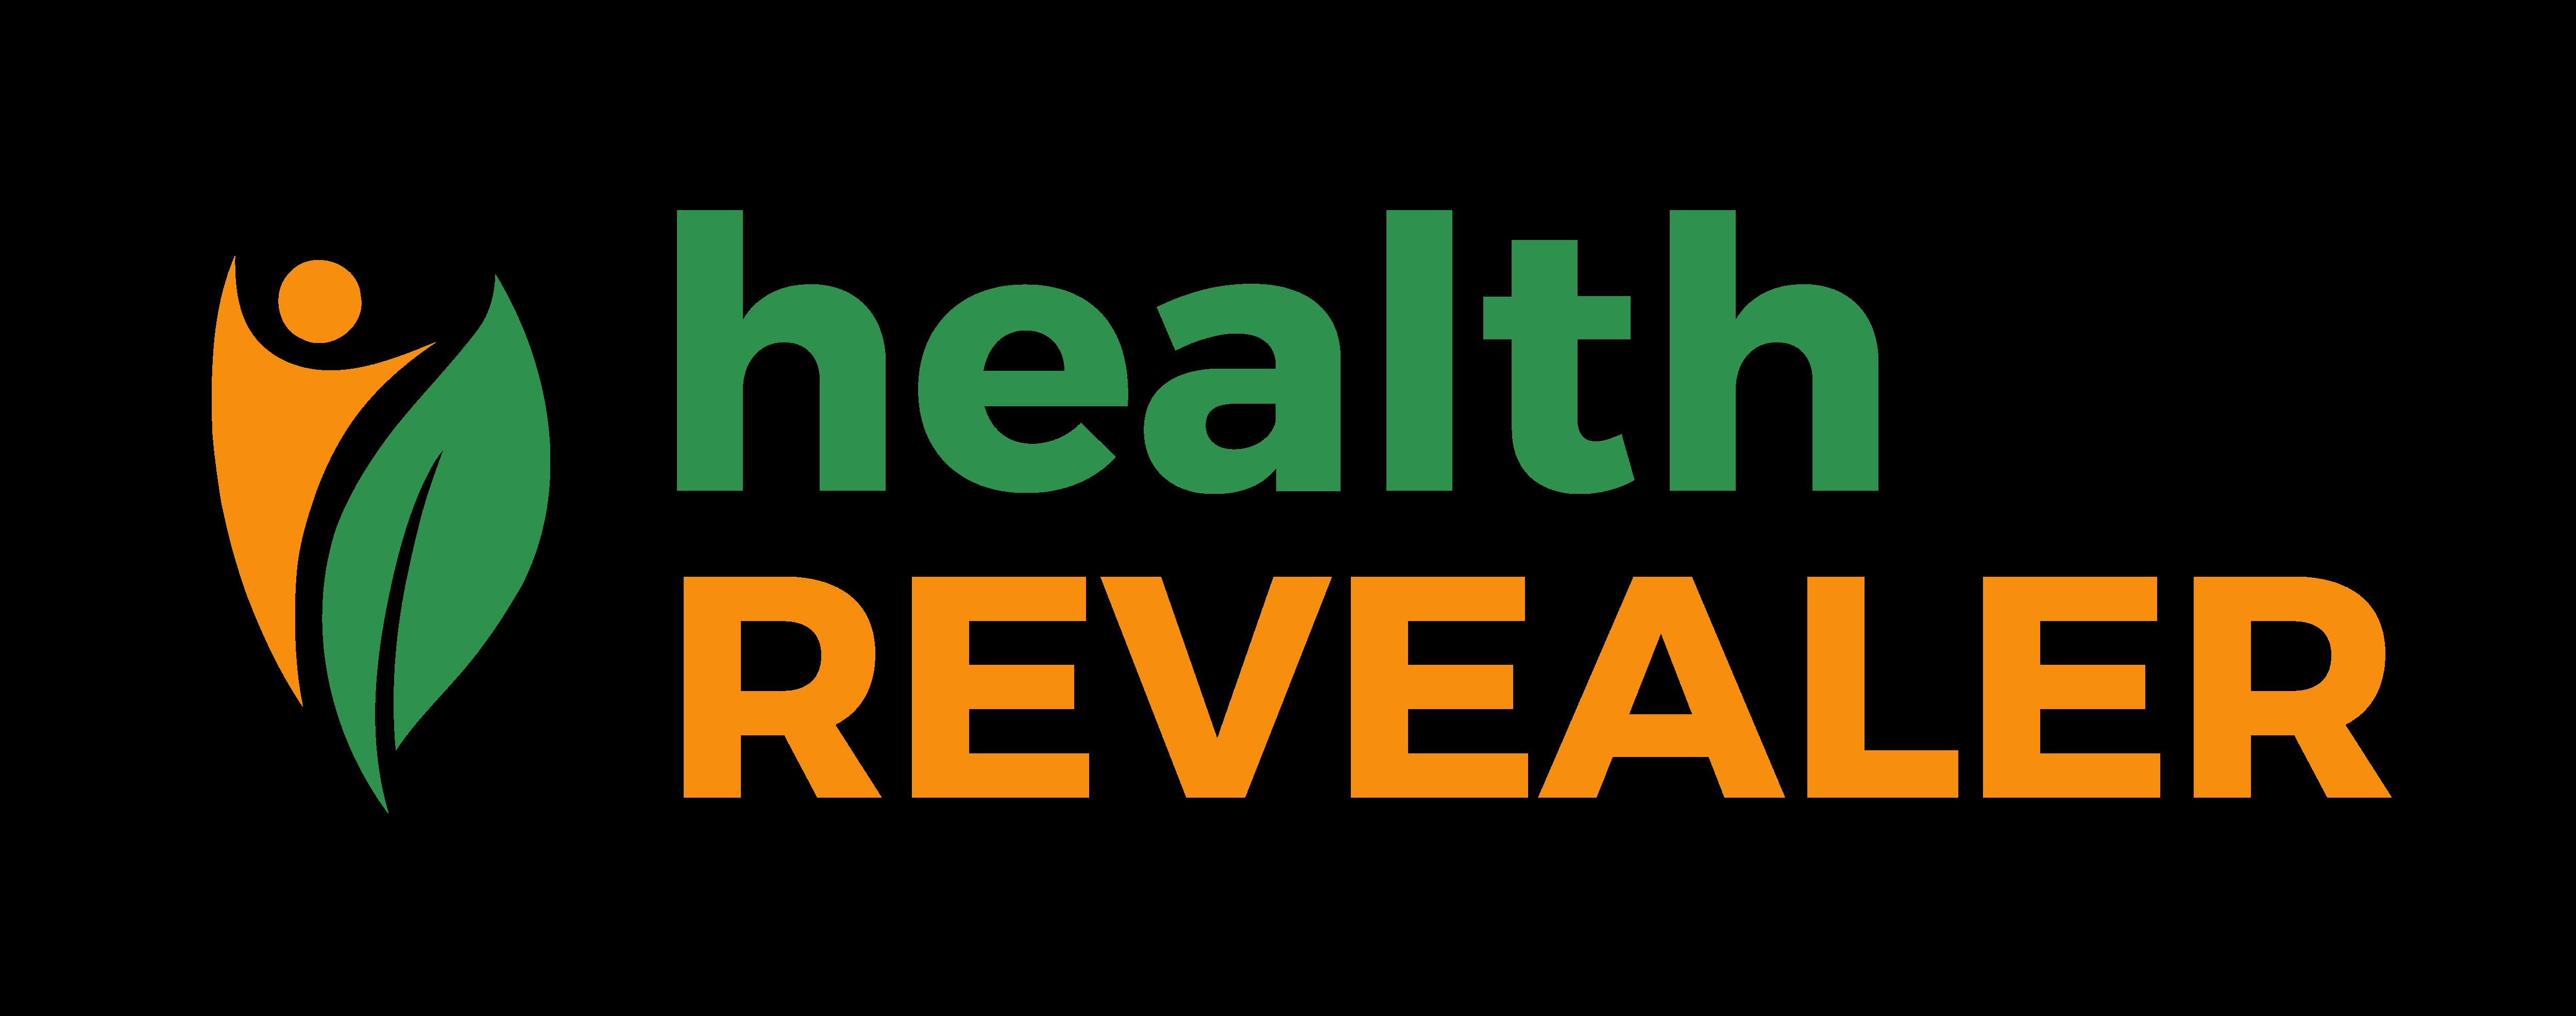 Health Revealer